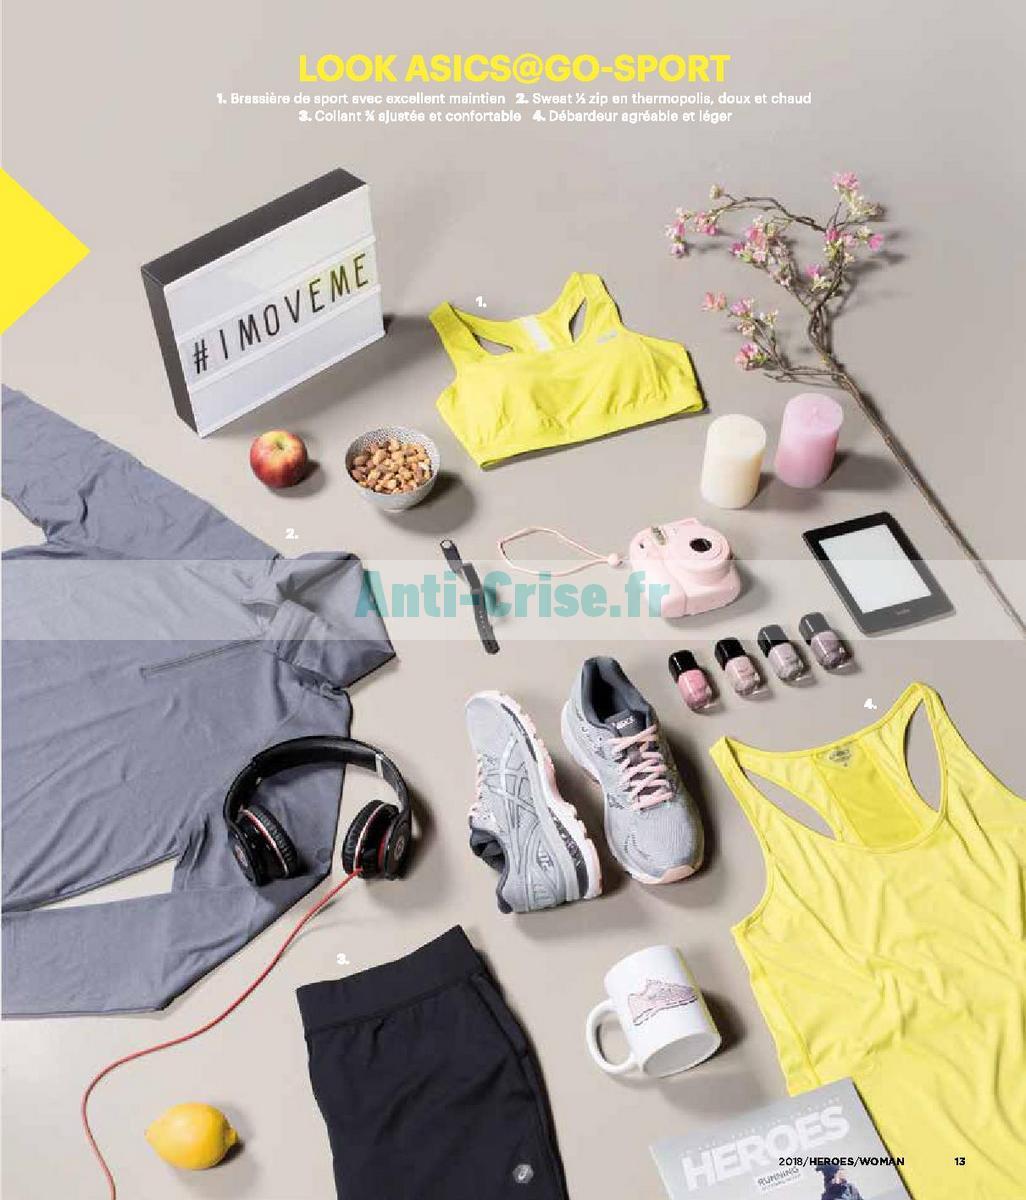 decembre2018 Catalogue Go Sport du 28 avril au 31 décembre 2018 (Spécial Femme) (13)